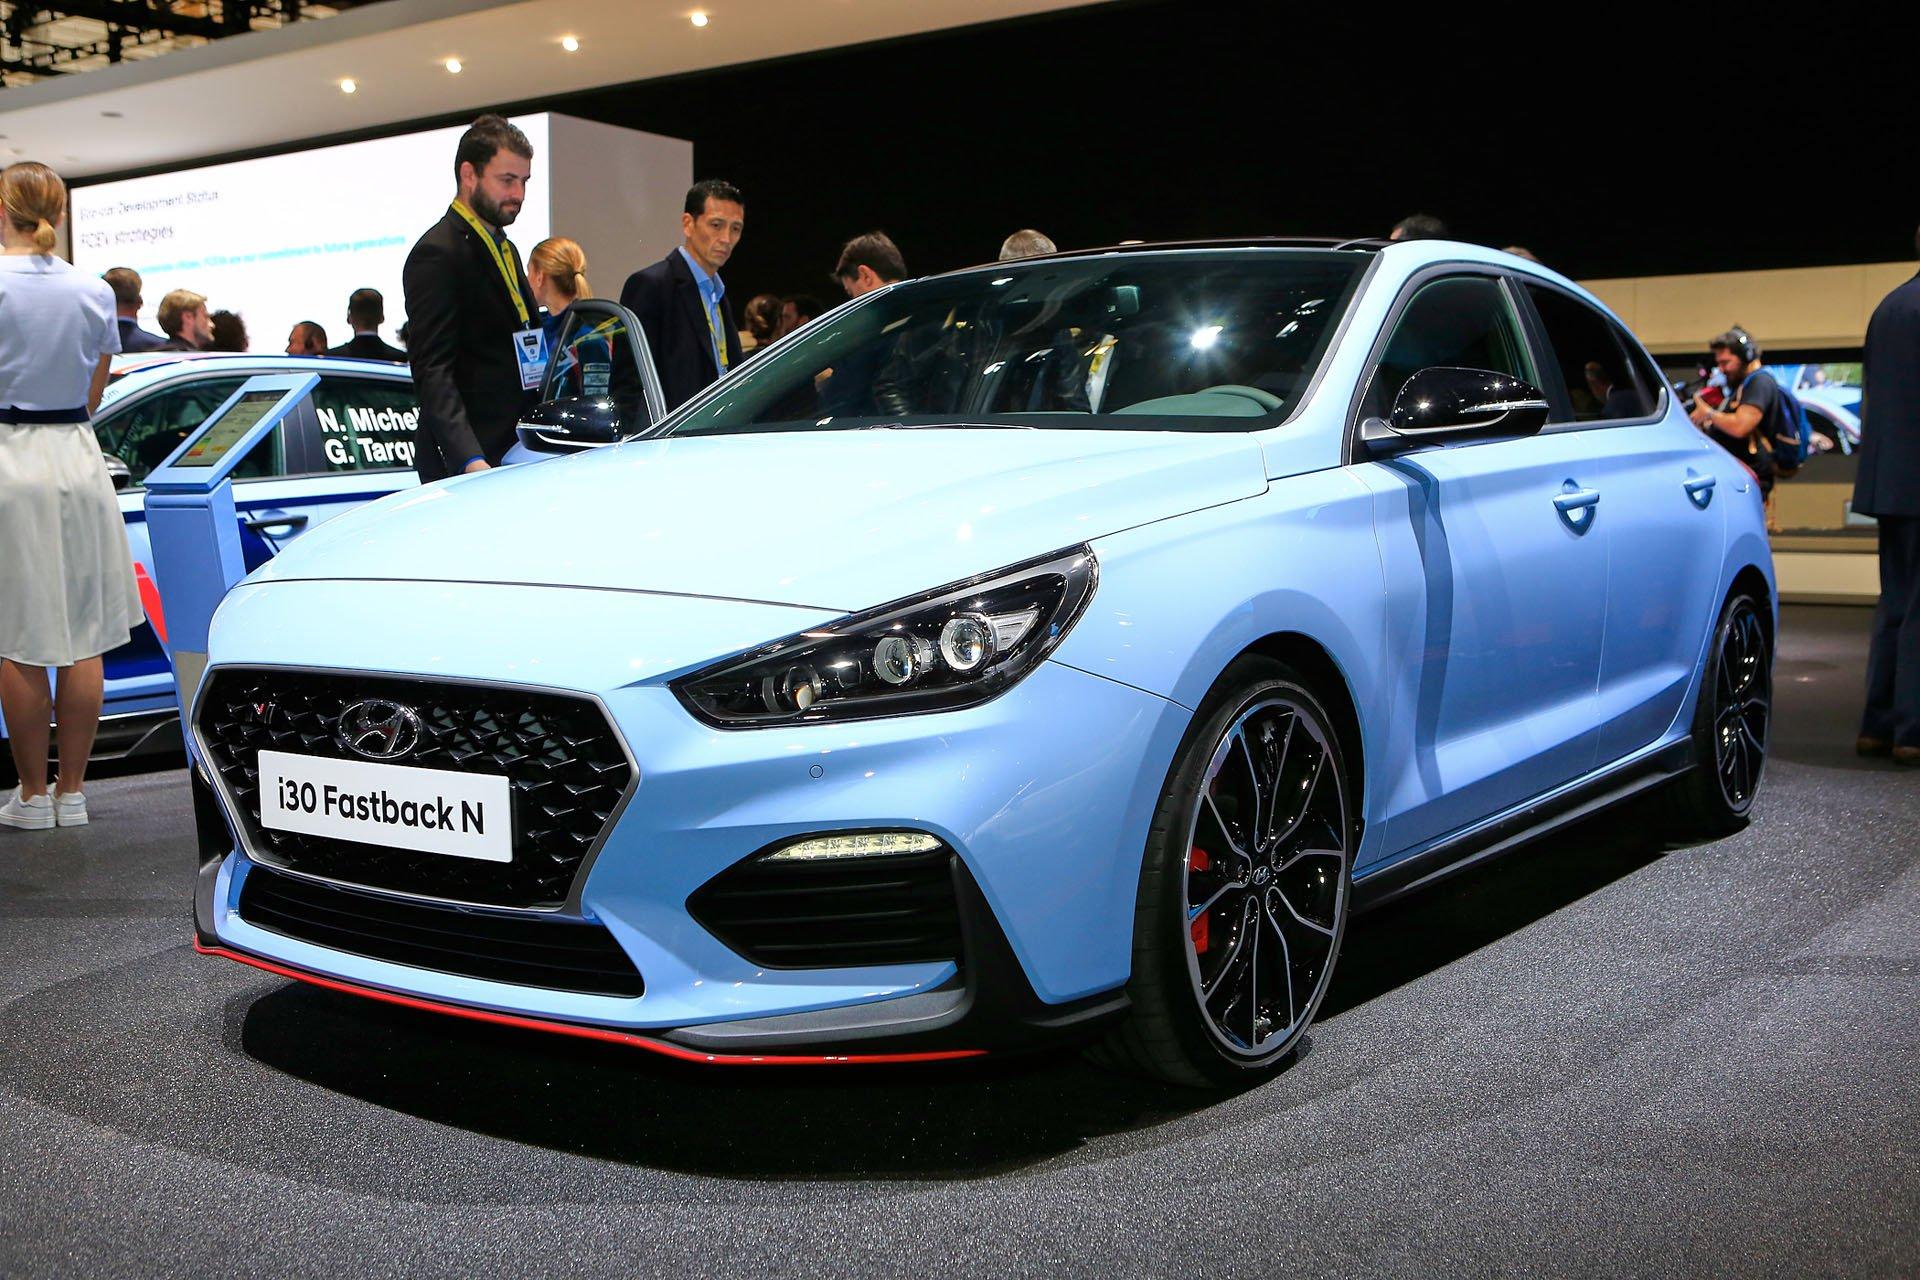 Париж 2018: Hyundai привезла тюнингованный вариант «заряженного» хэтчбека i30 N